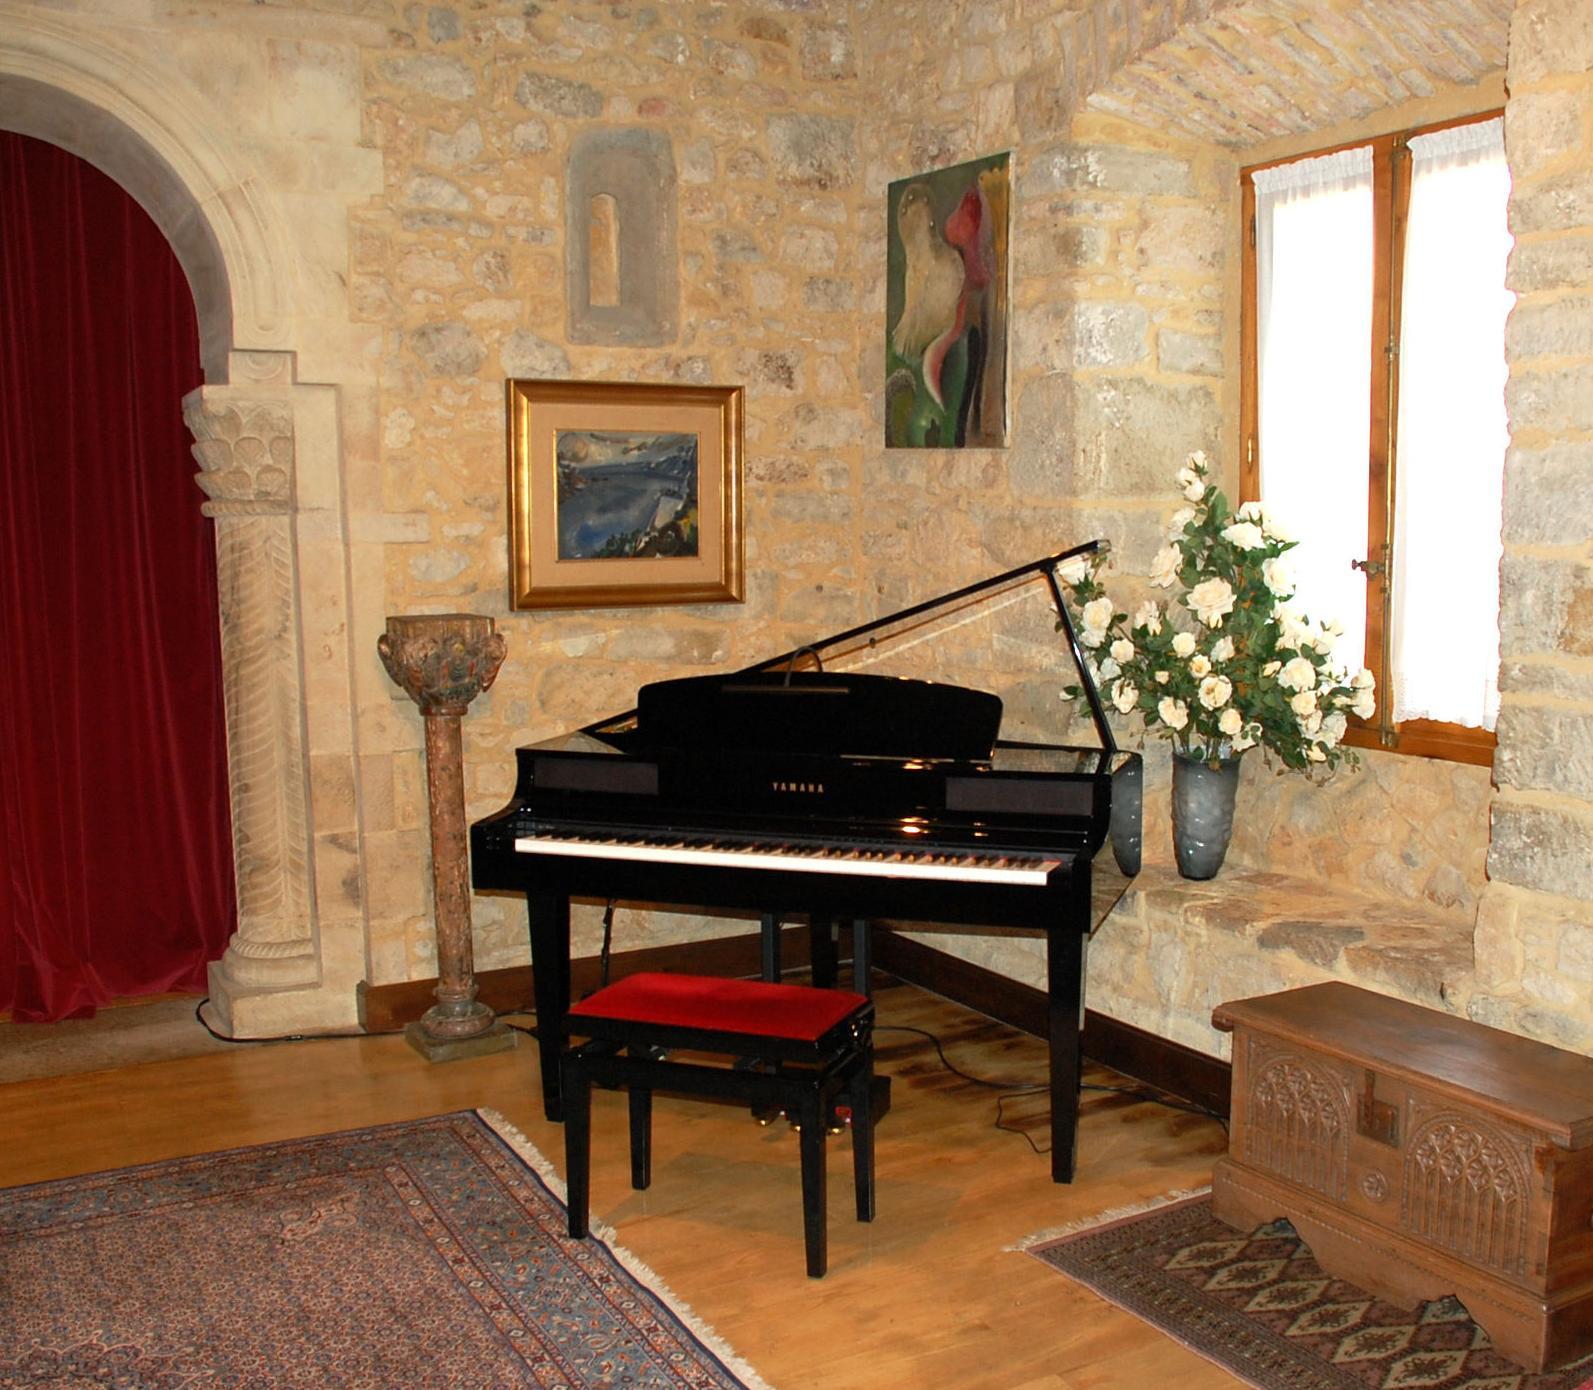 Salón de ceremonias civiles en el interior del Castillo